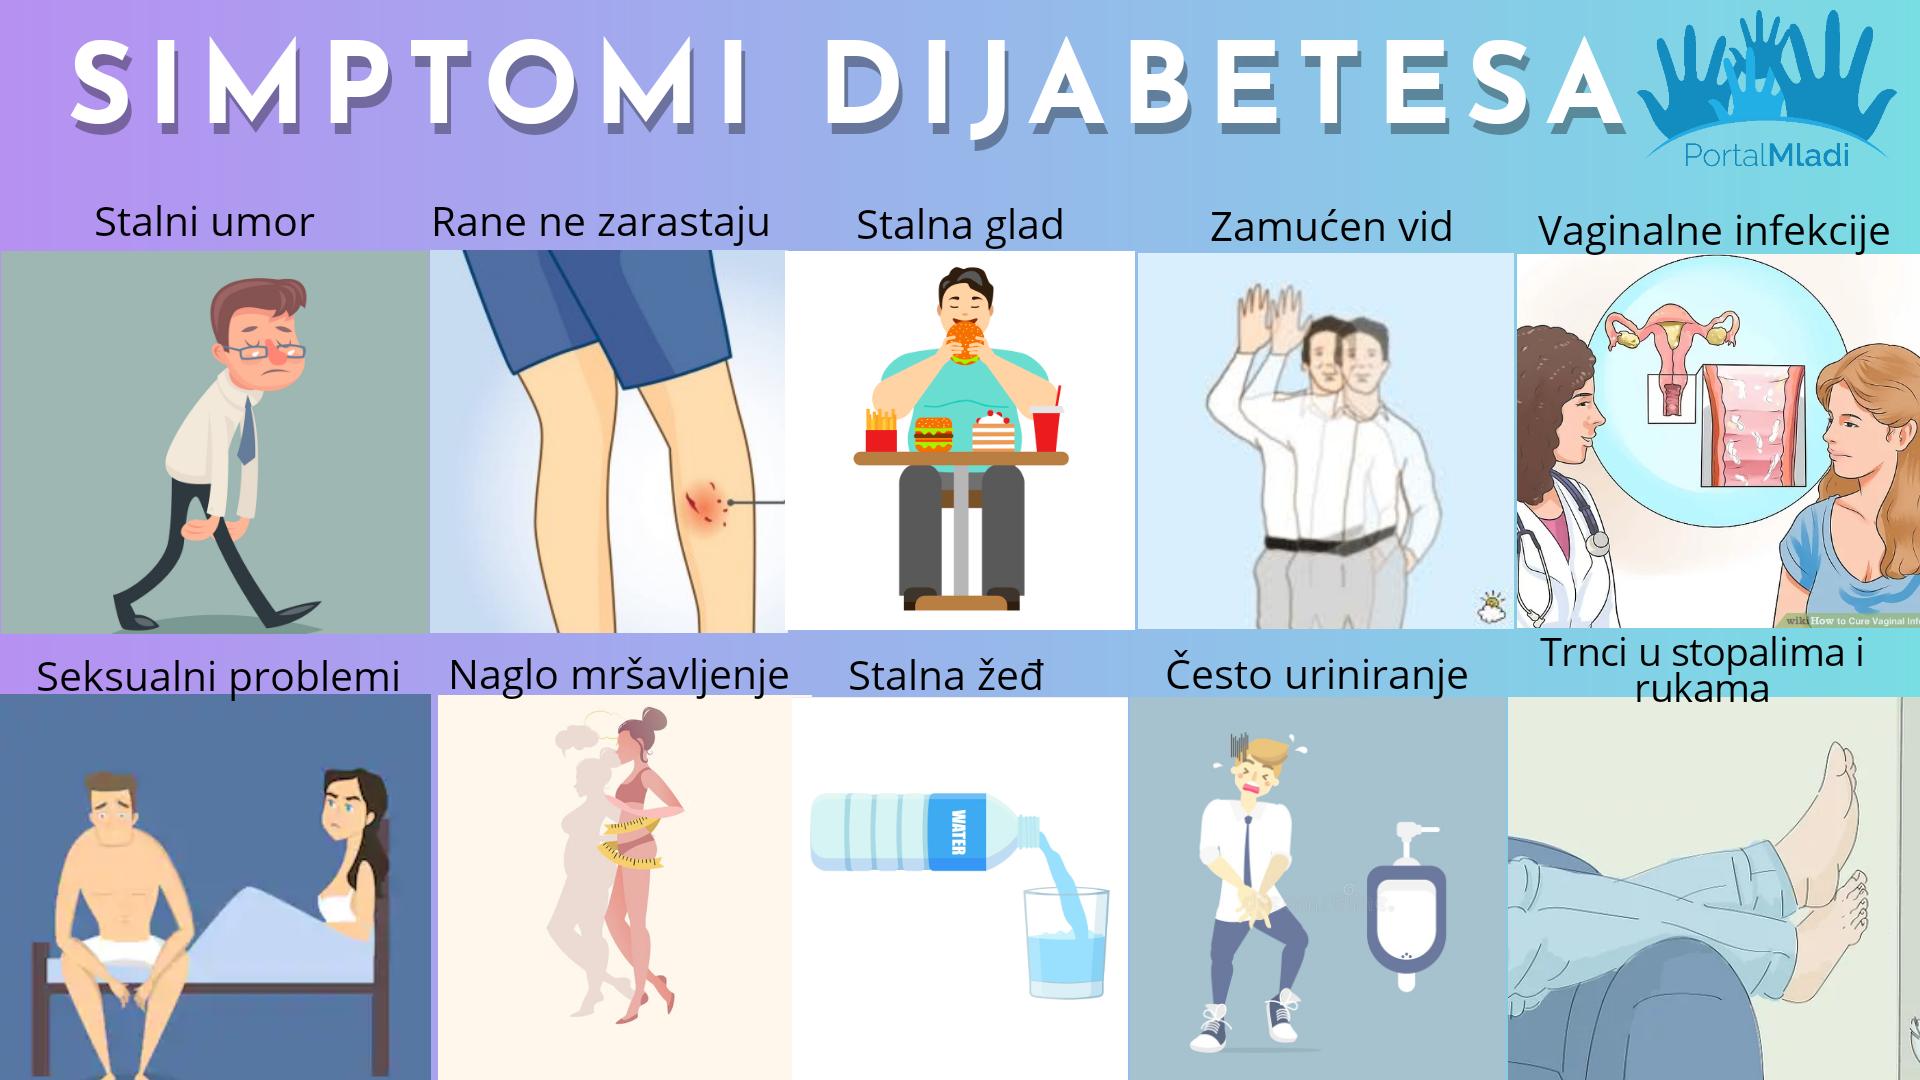 Simptomi dijabetes kod mladih